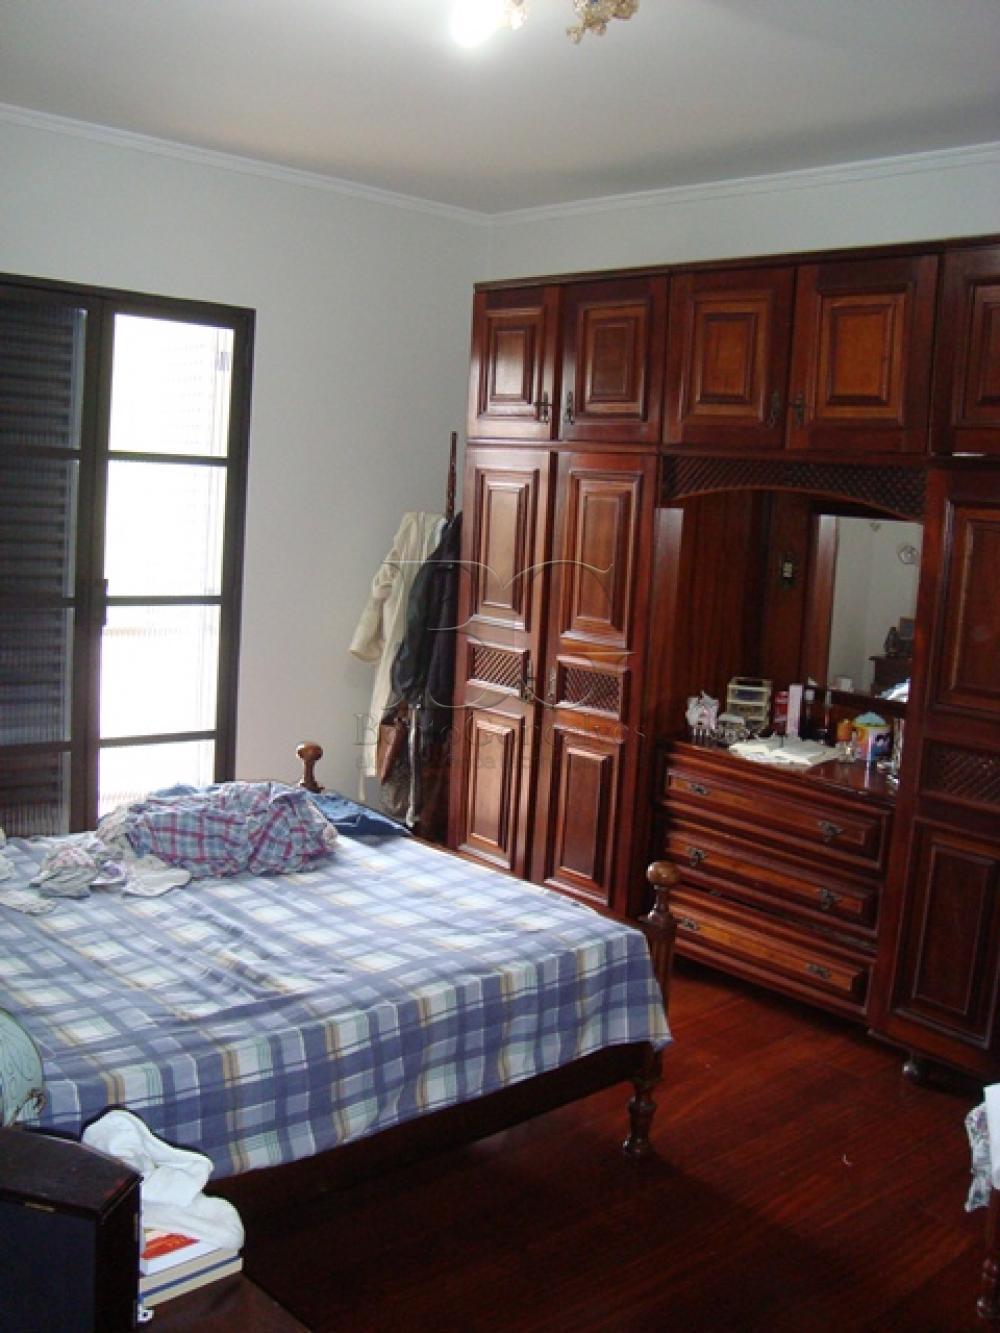 Comprar Casas / Padrão em Poços de Caldas apenas R$ 480.000,00 - Foto 13